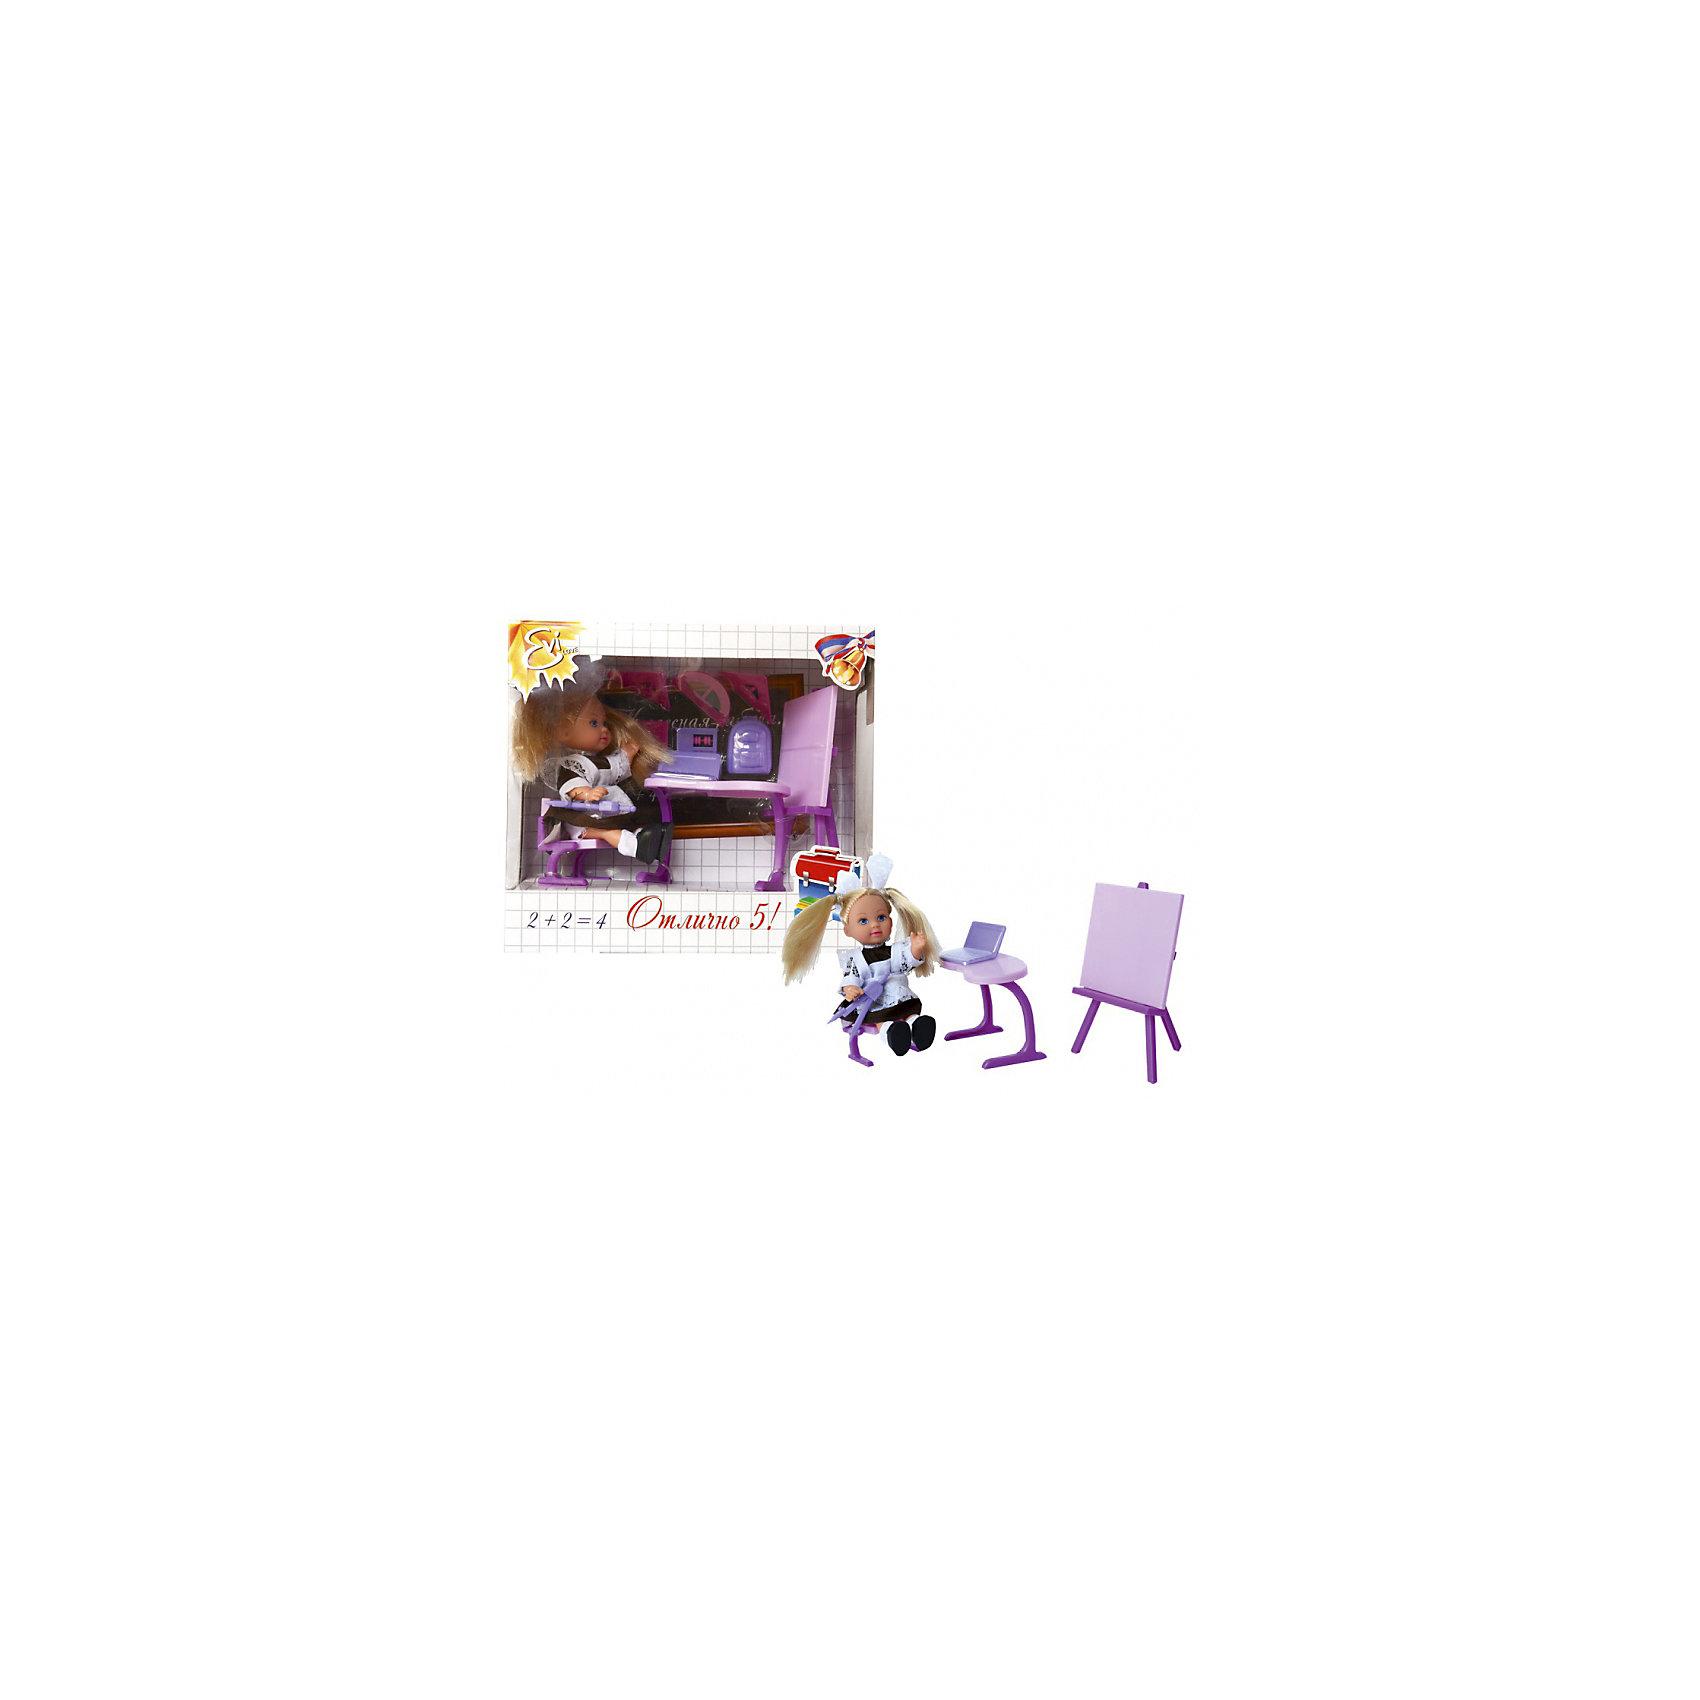 Кукла Еви-школьница, SimbaБренды кукол<br>Характеристики товара:<br><br>- цвет: разноцветный;<br>- материал: пластик;<br>- возраст: от трех лет;<br>- комплектация: кукла, одежда, фигурка животного, аксессуары;<br>- высота куклы: 12 см.<br><br>Эта симпатичная кукла Еви от известного бренда приводит детей в восторг! Какая девочка сможет отказаться поиграть с куклами, которые дополнены набором в виде полезных предметов?! В набор также входят аксессуары для игр с куклой на школьную тематику. Игрушка очень качественно выполнена, поэтому она станет замечательным подарком ребенку. <br>Продается набор в красивой удобной упаковке. Игры с куклами помогают девочкам развить важные навыки и отработать модели социального взаимодействия. Изделие произведено из высококачественного материала, безопасного для детей.<br><br>Куклу Еви-школьница от бренда Simba можно купить в нашем интернет-магазине.<br><br>Ширина мм: 180<br>Глубина мм: 160<br>Высота мм: 90<br>Вес г: 100<br>Возраст от месяцев: 36<br>Возраст до месяцев: 120<br>Пол: Женский<br>Возраст: Детский<br>SKU: 5119532